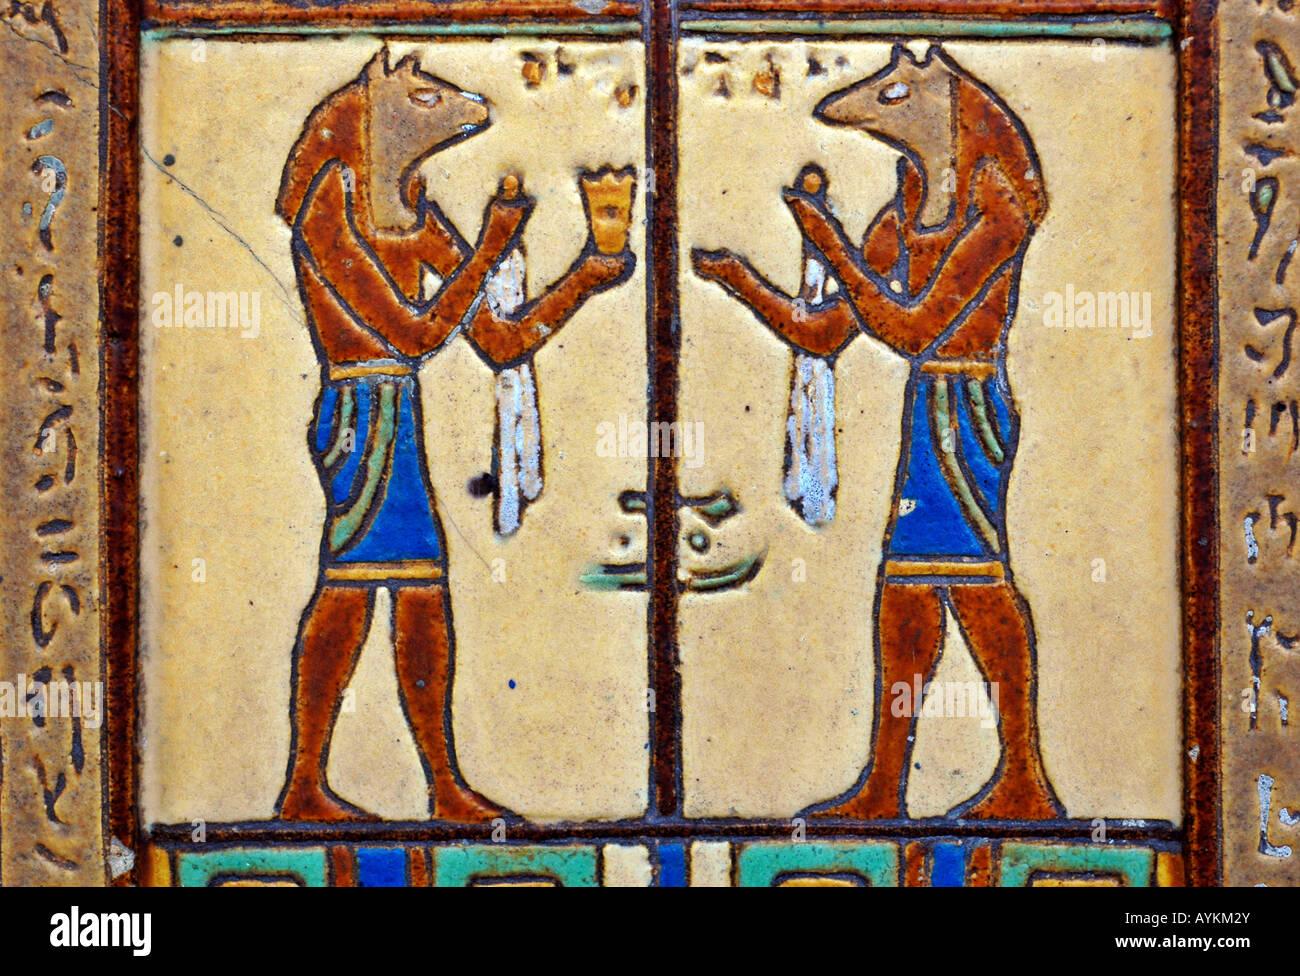 Piastrelle fatte a mano raffigurante il dio egizio anibus su una